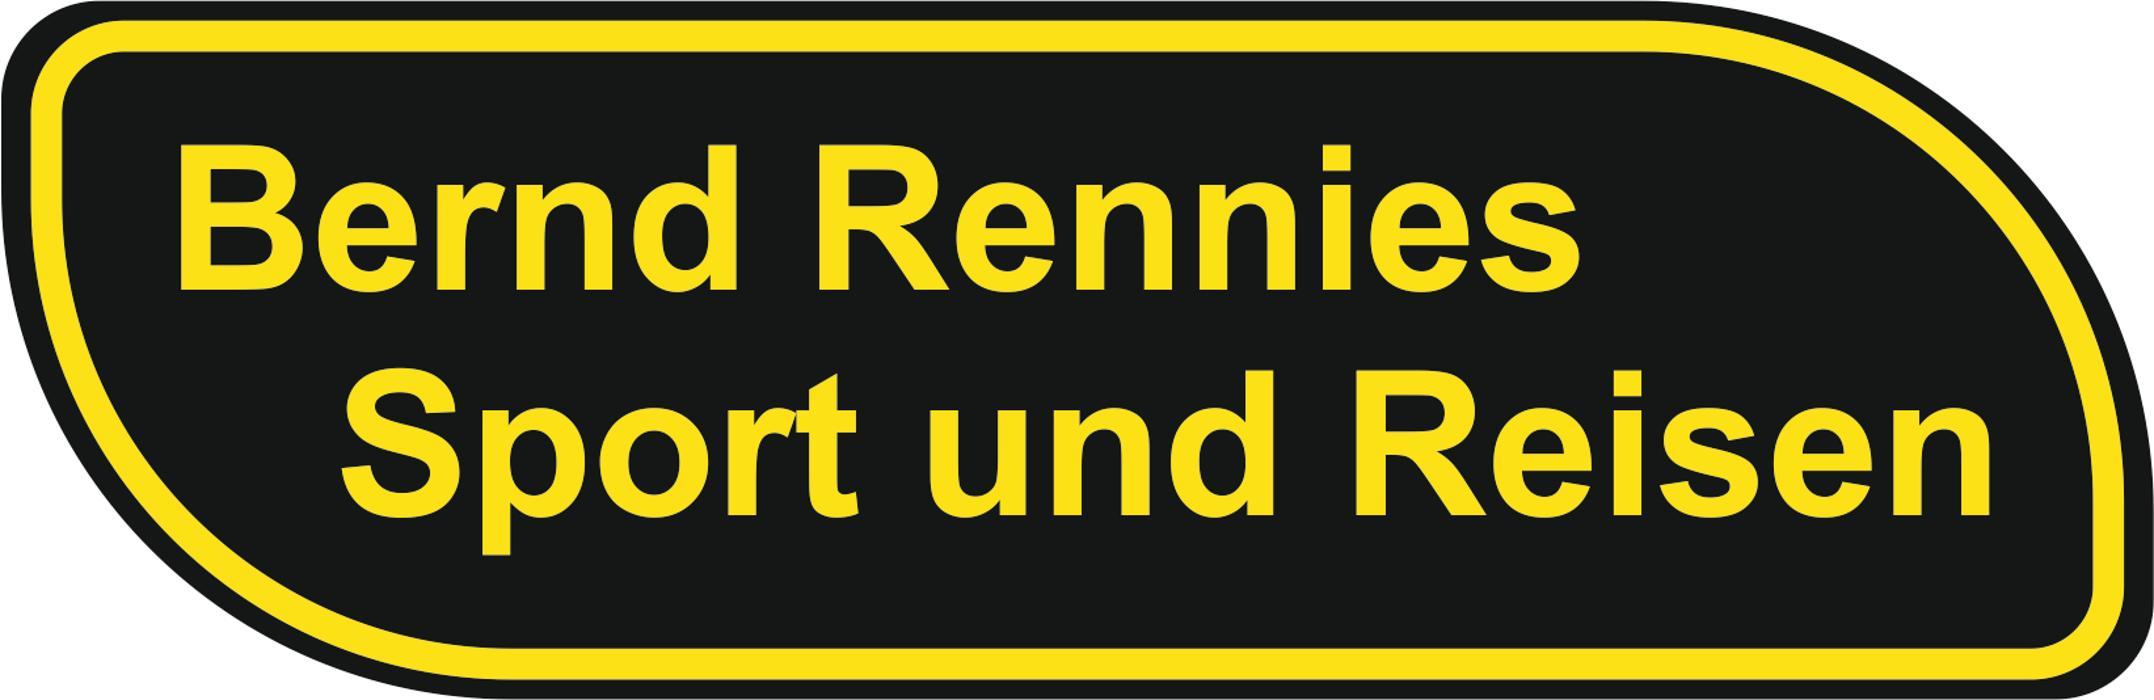 Bild zu Bernd Rennies Sport und Reisen in Bremen